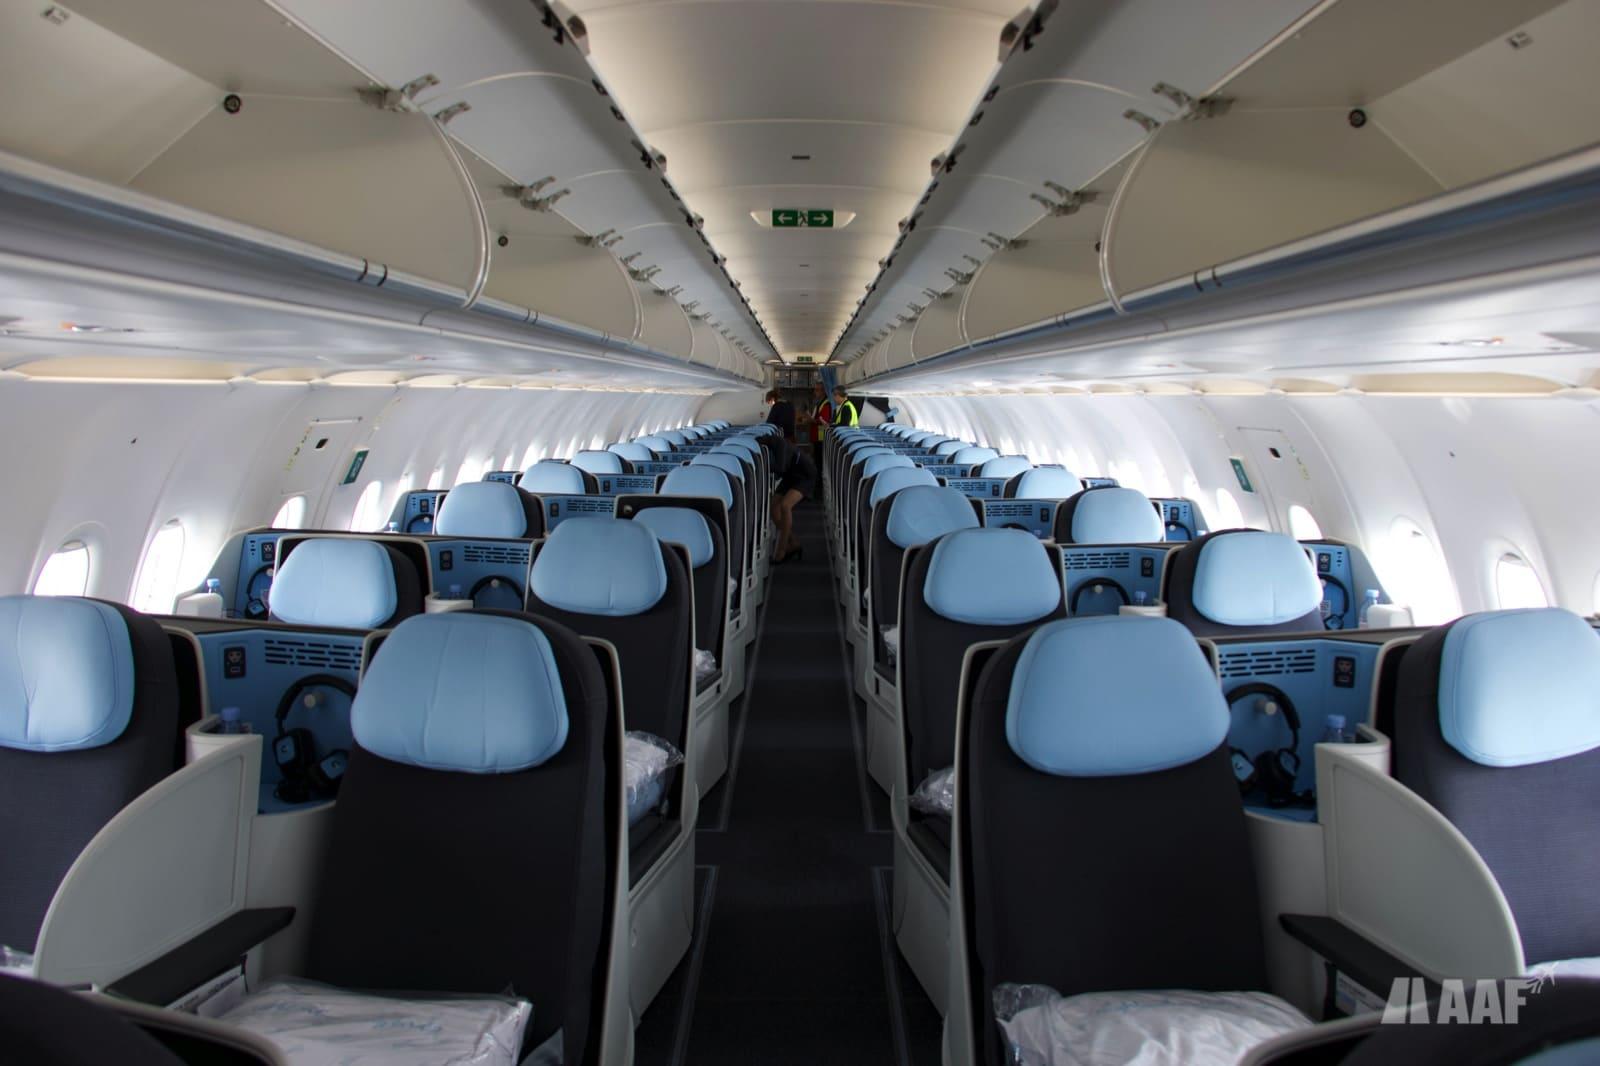 Cabine A321LR La Compagnie